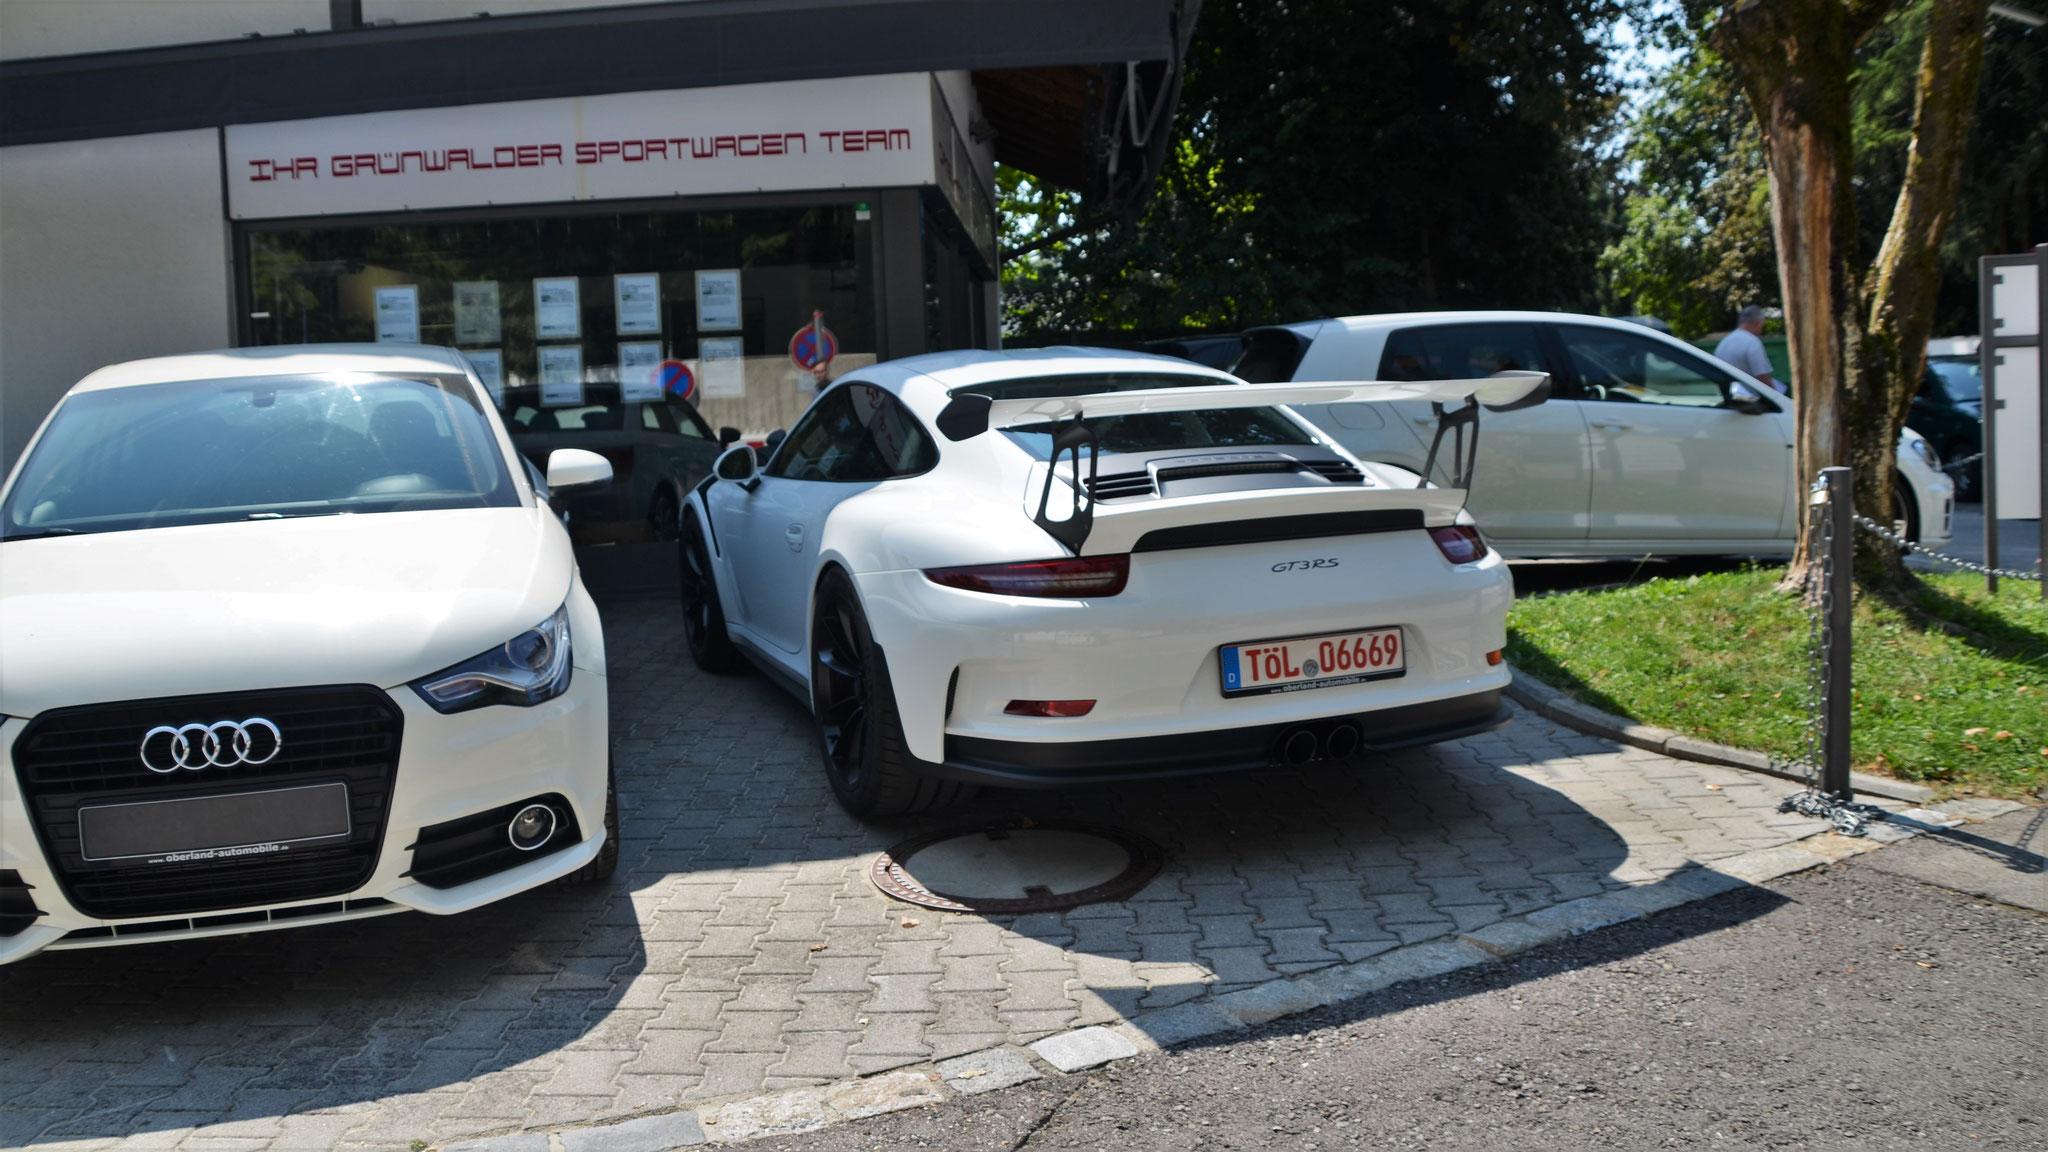 Porsche 911 GT3 RS - TÖL-06669